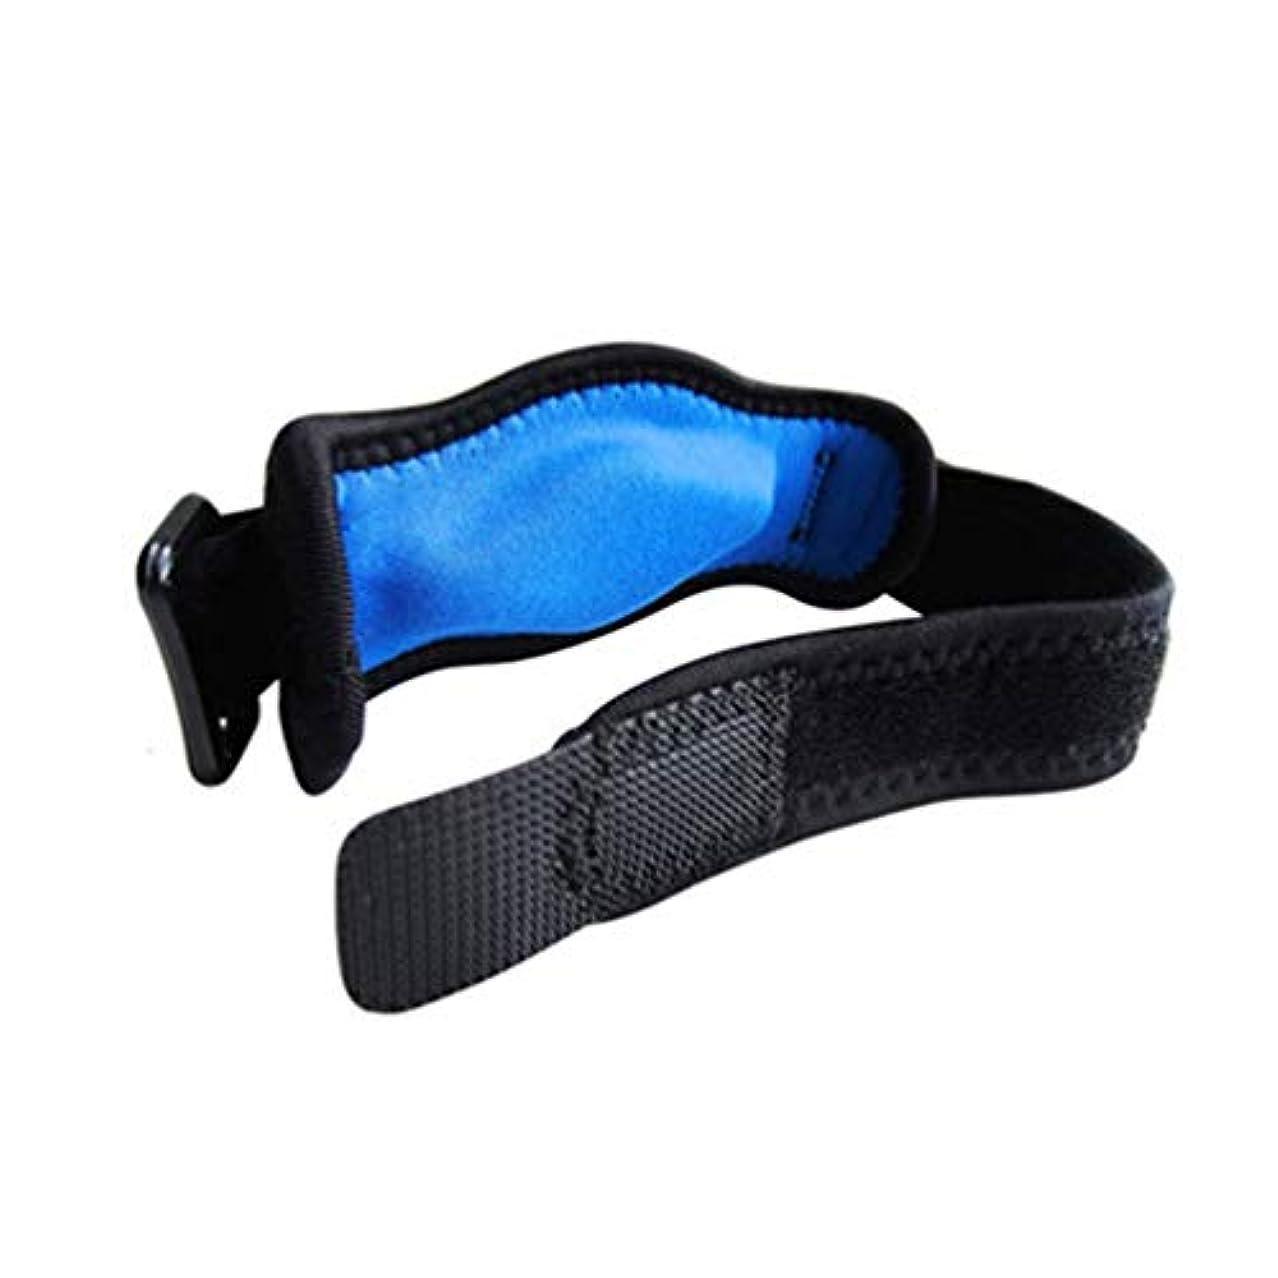 無関心かんたんエトナ山調節可能なテニス肘サポートストラップブレースゴルフ前腕痛み緩和 - 黒